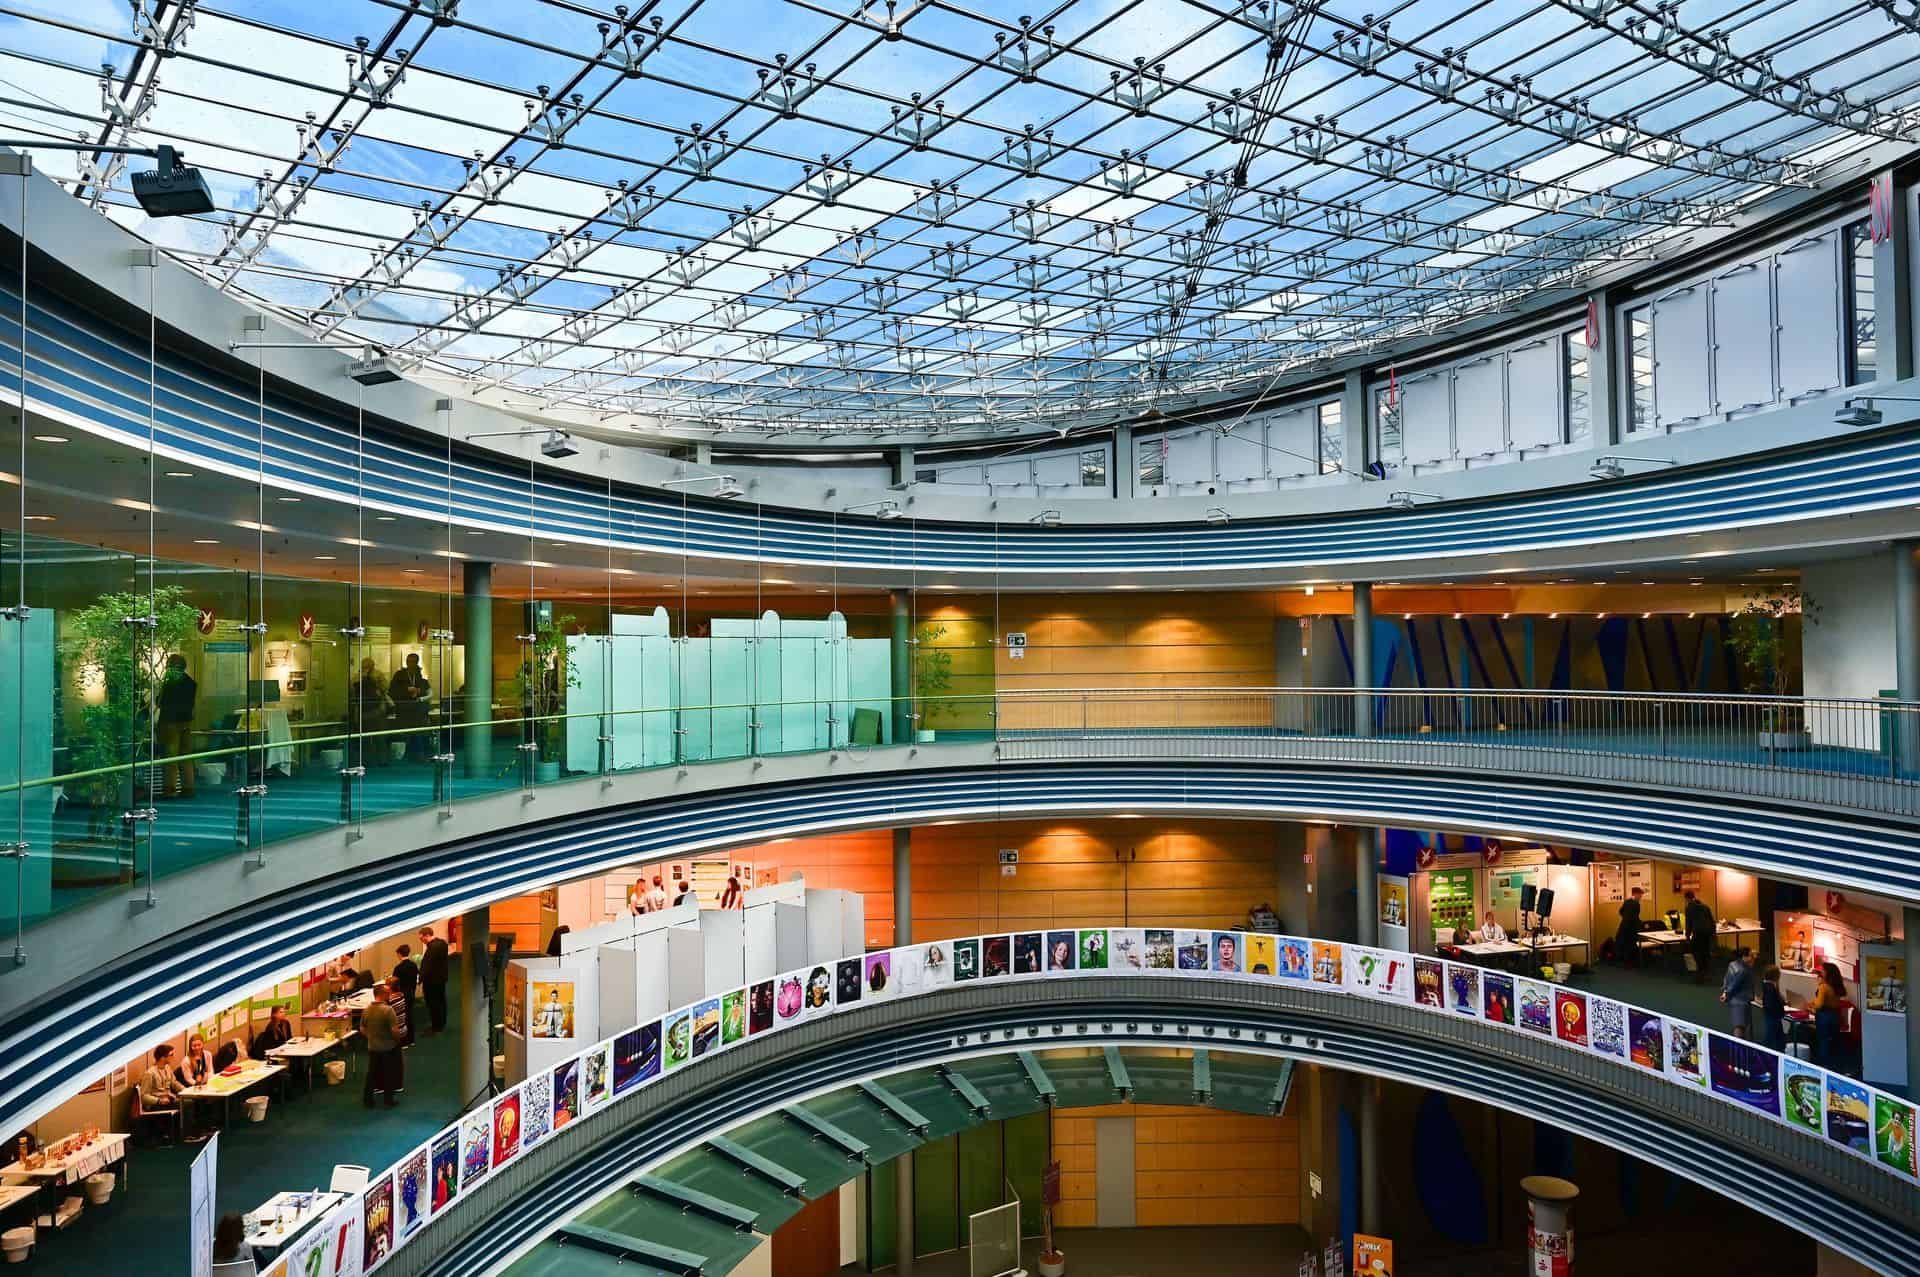 Blick auf die Forschungsstände in den Räumen der Braunschweigischen Landessparkasse. Foto: Die Braunschweigische Stiftung/Andreas Greiner-Napp